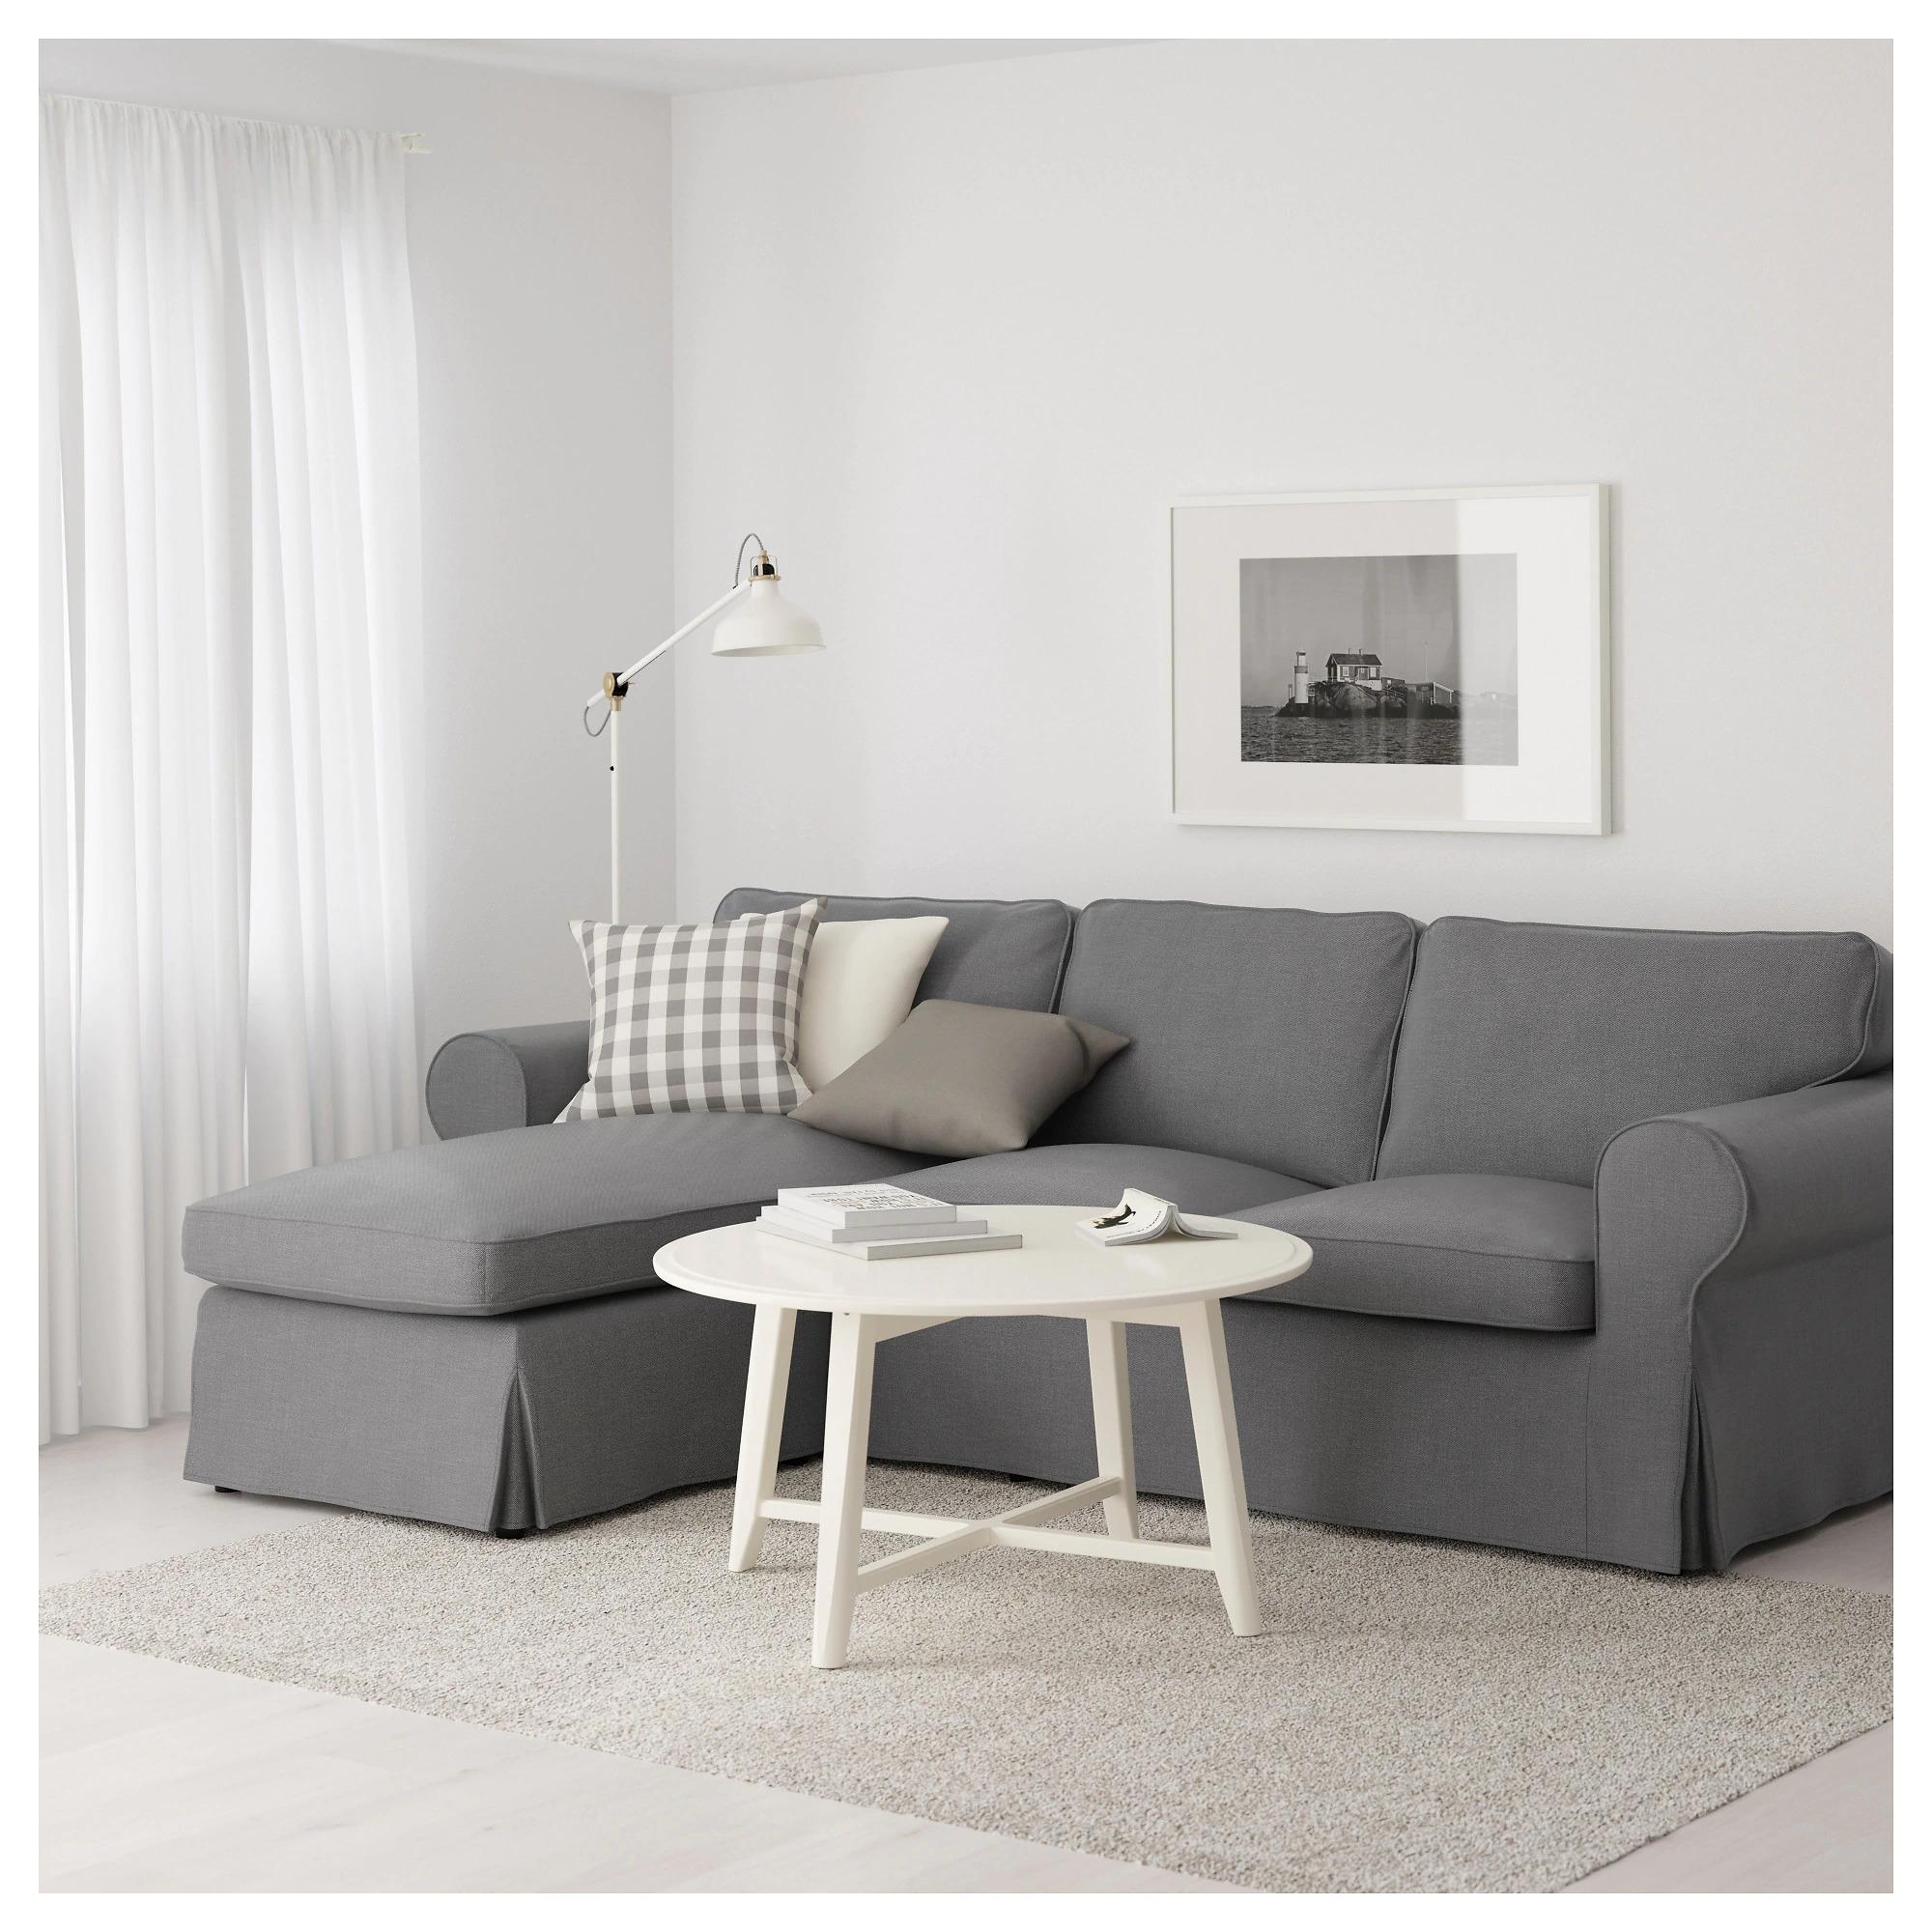 IKEAのソファおすすめ15選!評判の一人がけソファも紹介